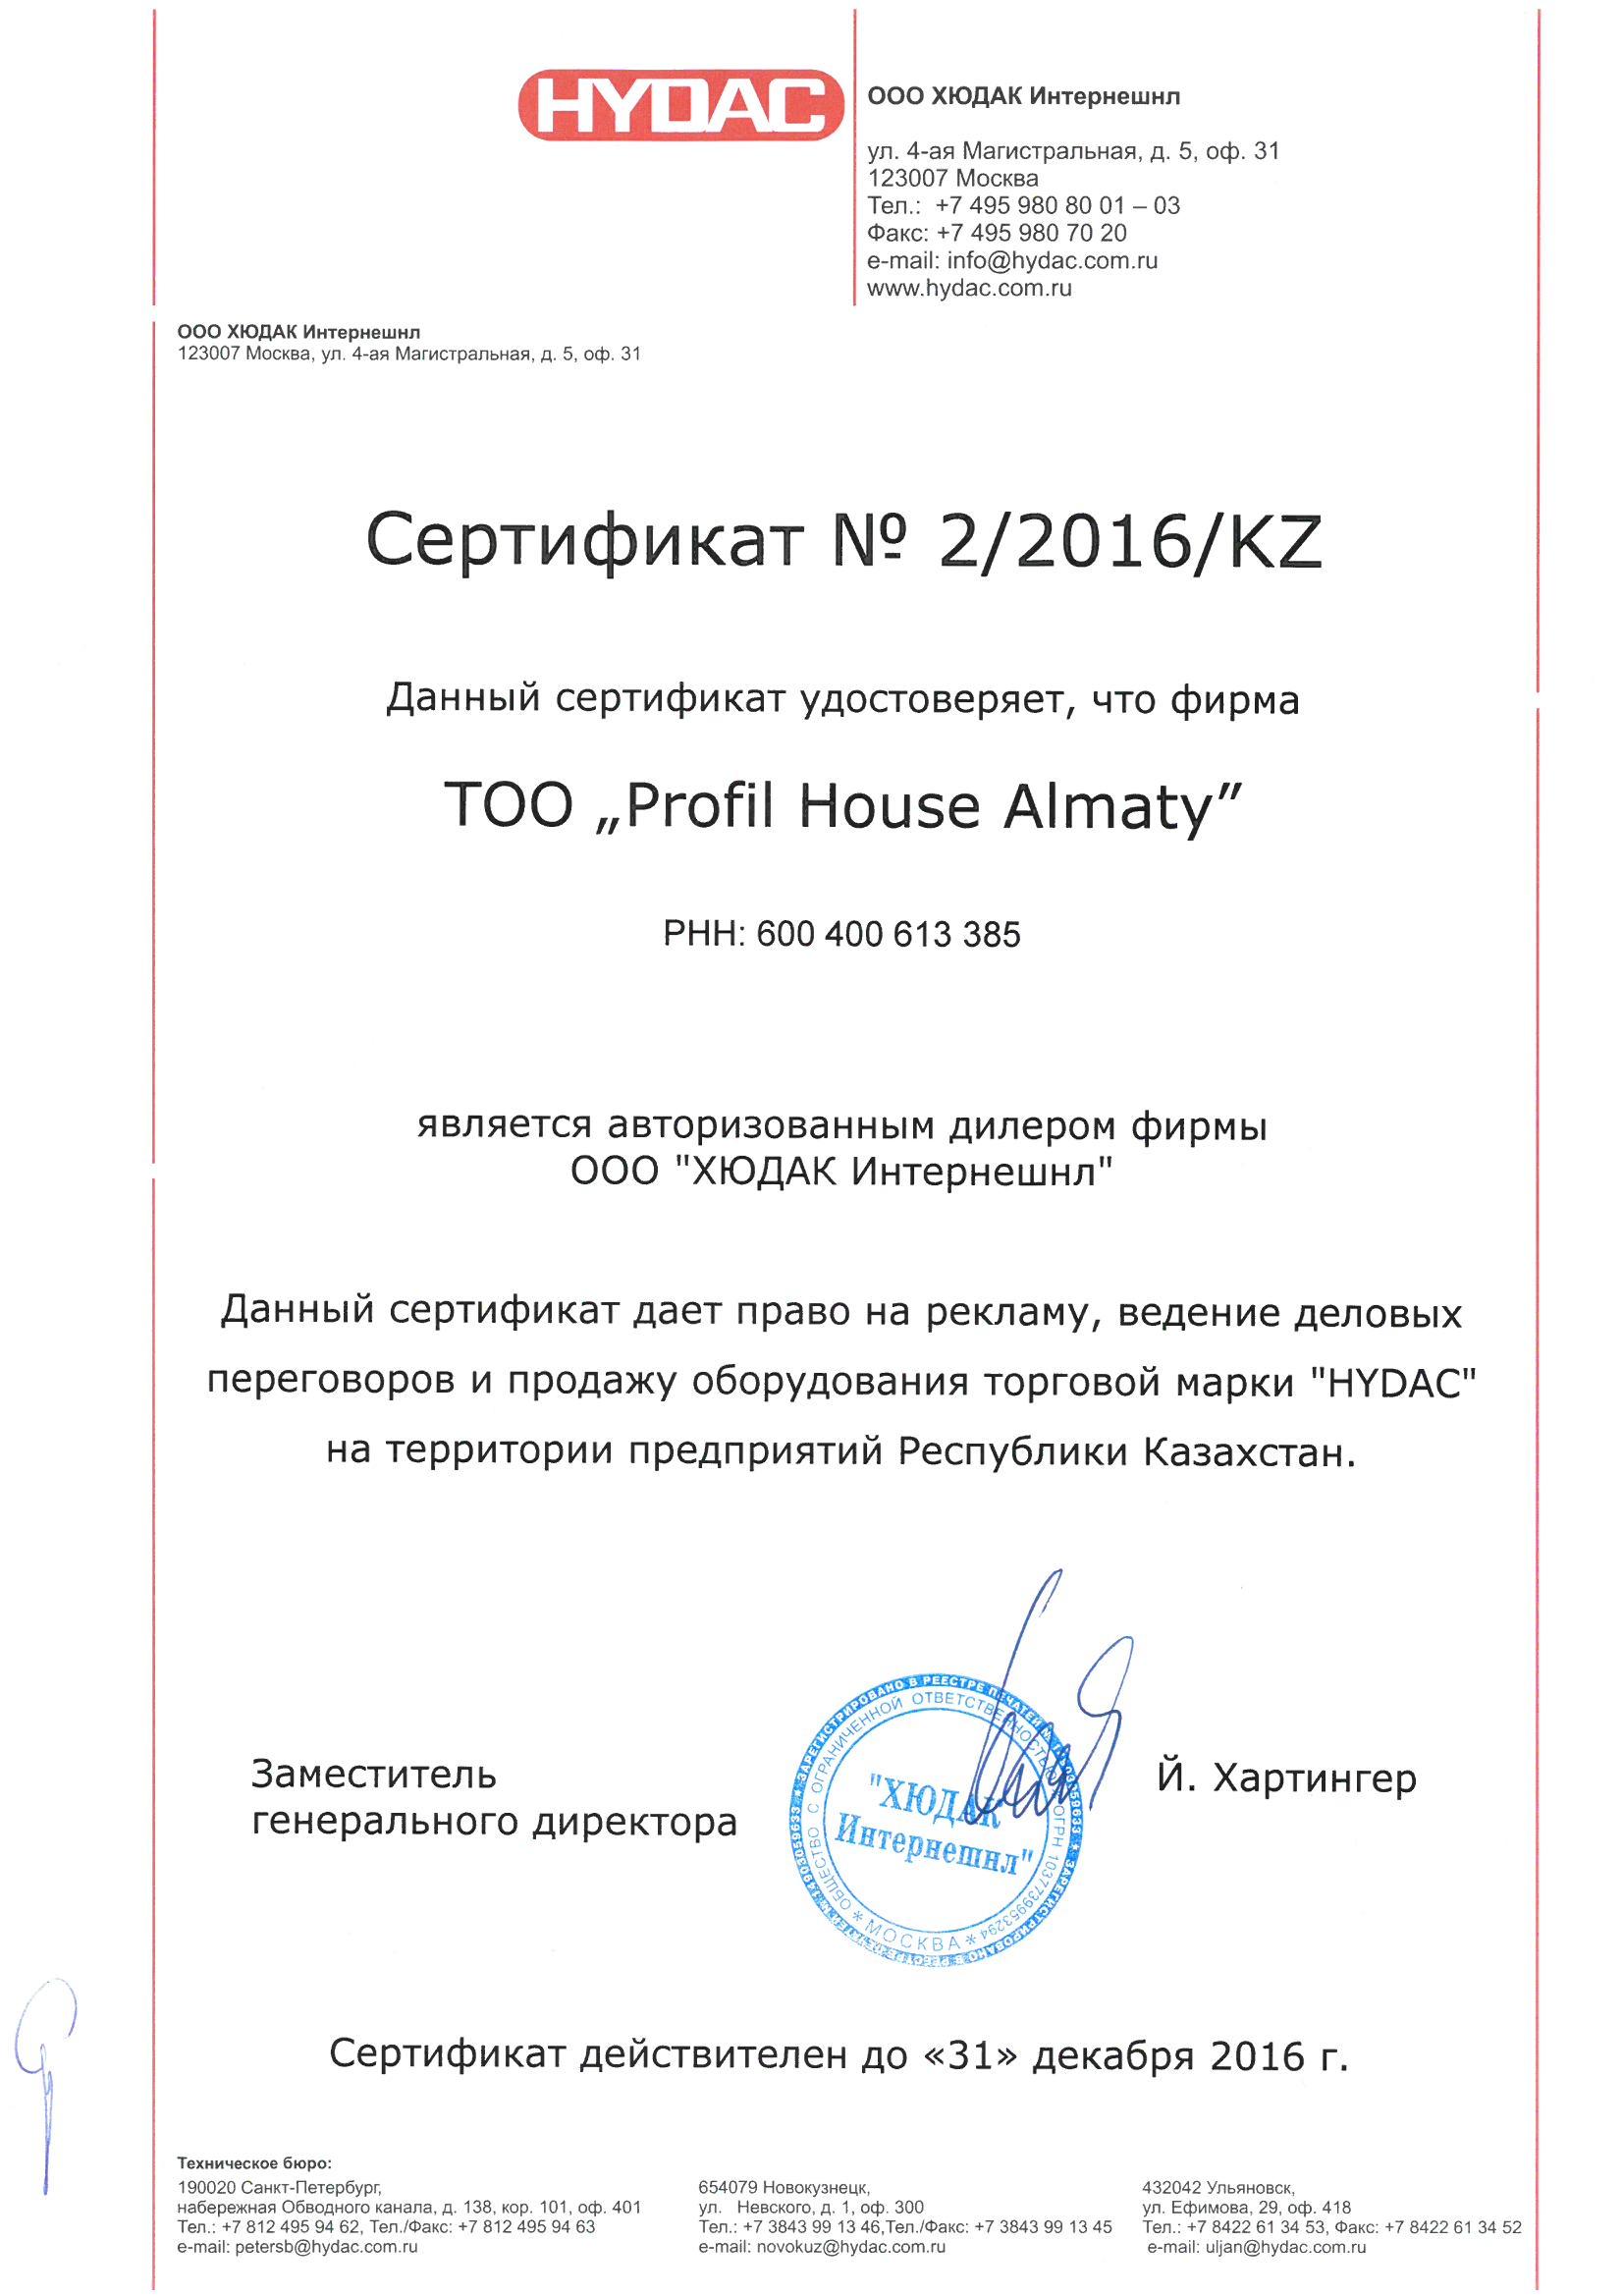 sertif_hydac_16.jpg